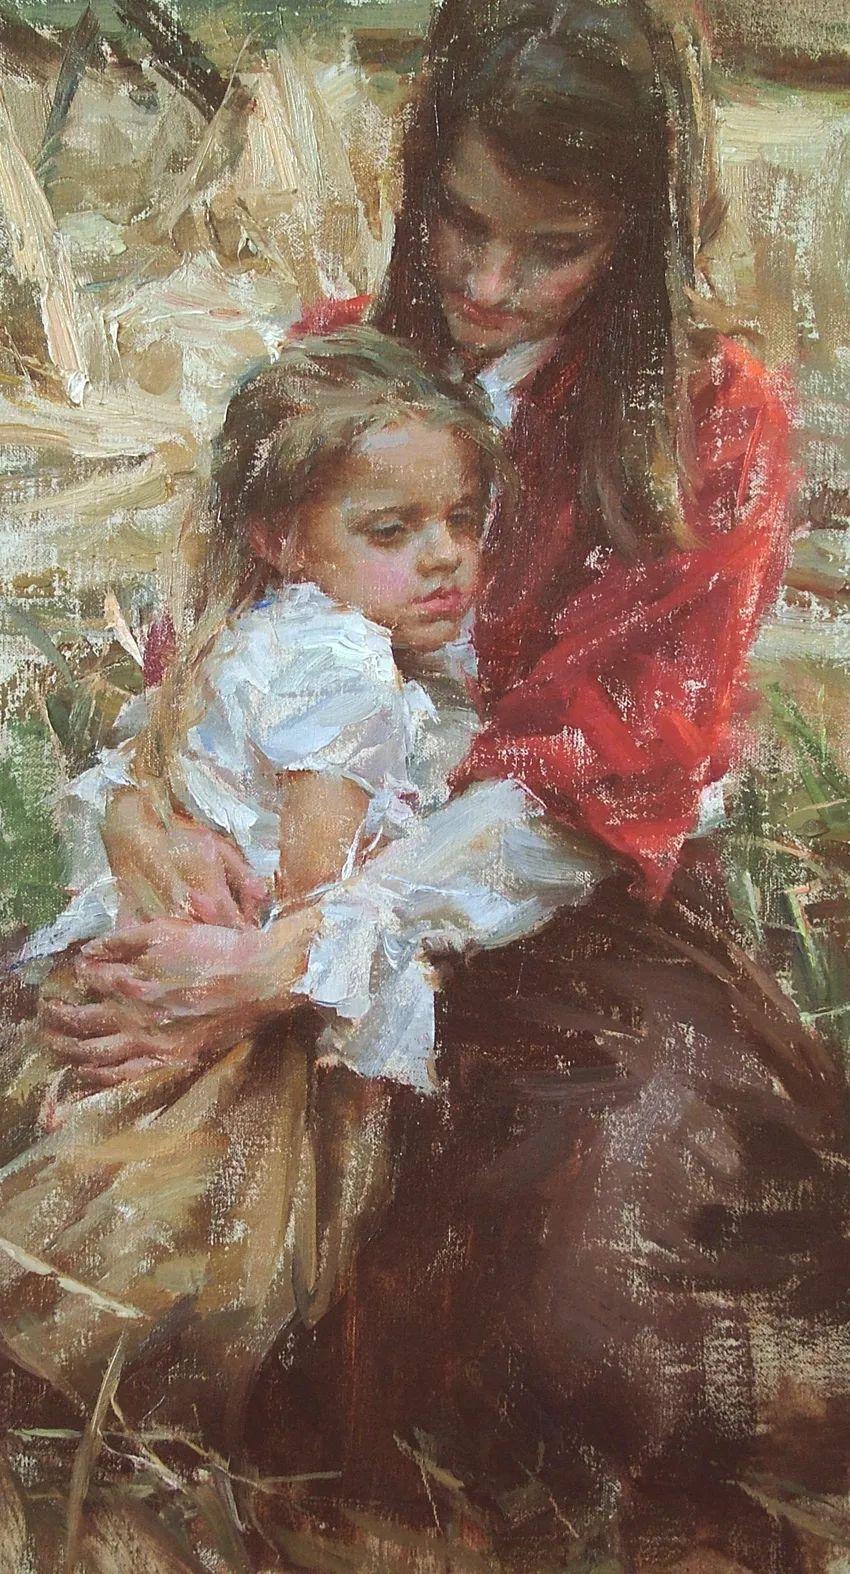 具象女性人物,感受绘画所带来的情感影响和力量!插图35